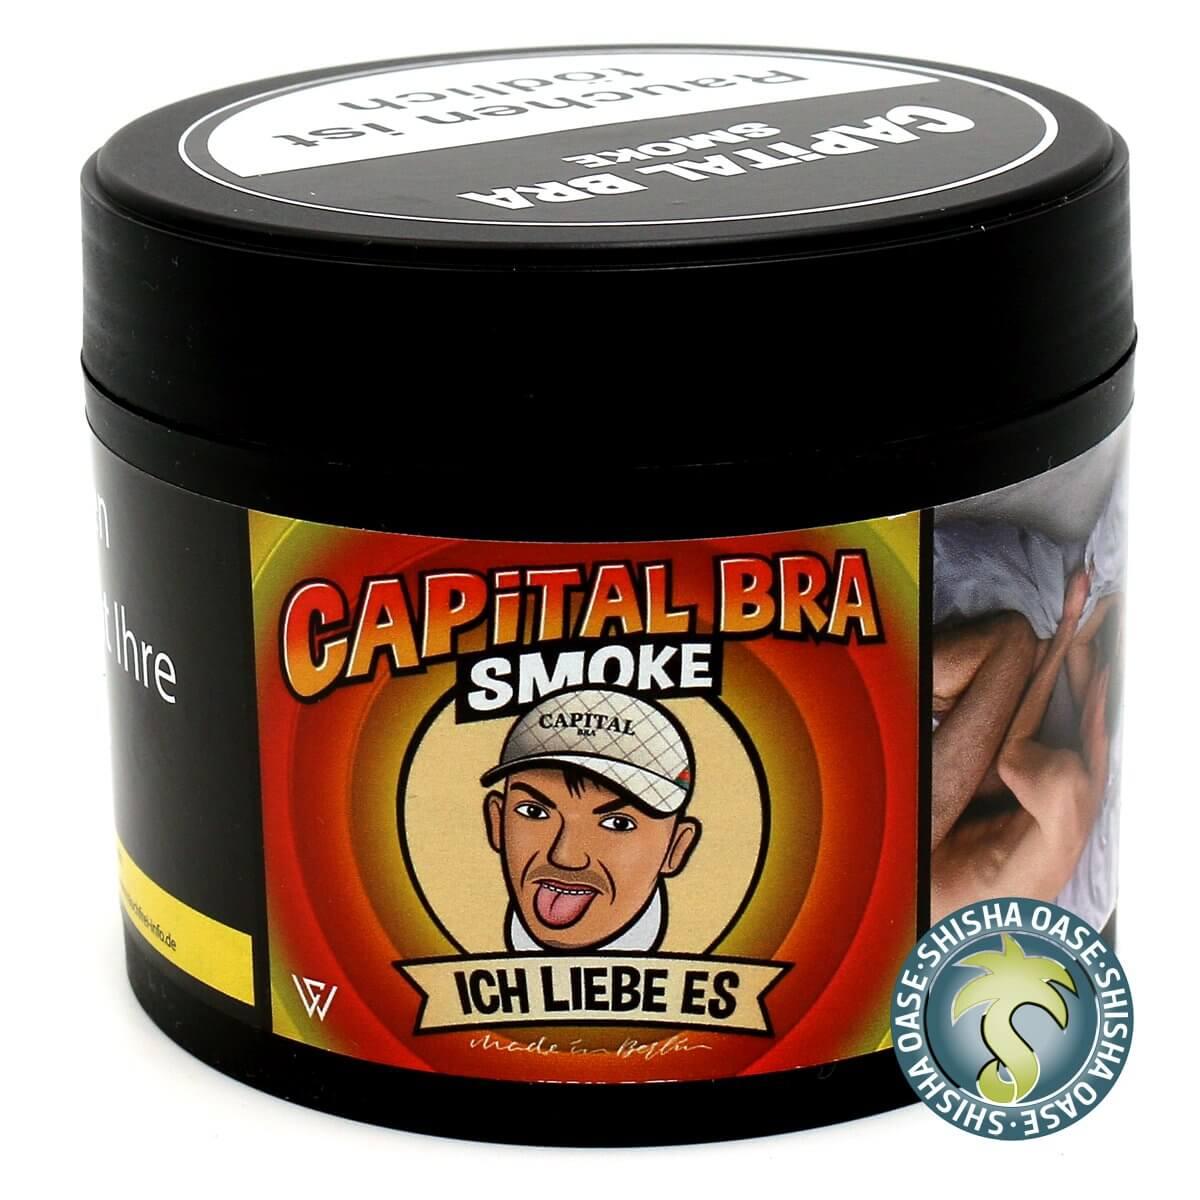 Capital Bra Tabak | Ich Liebe Es 200g